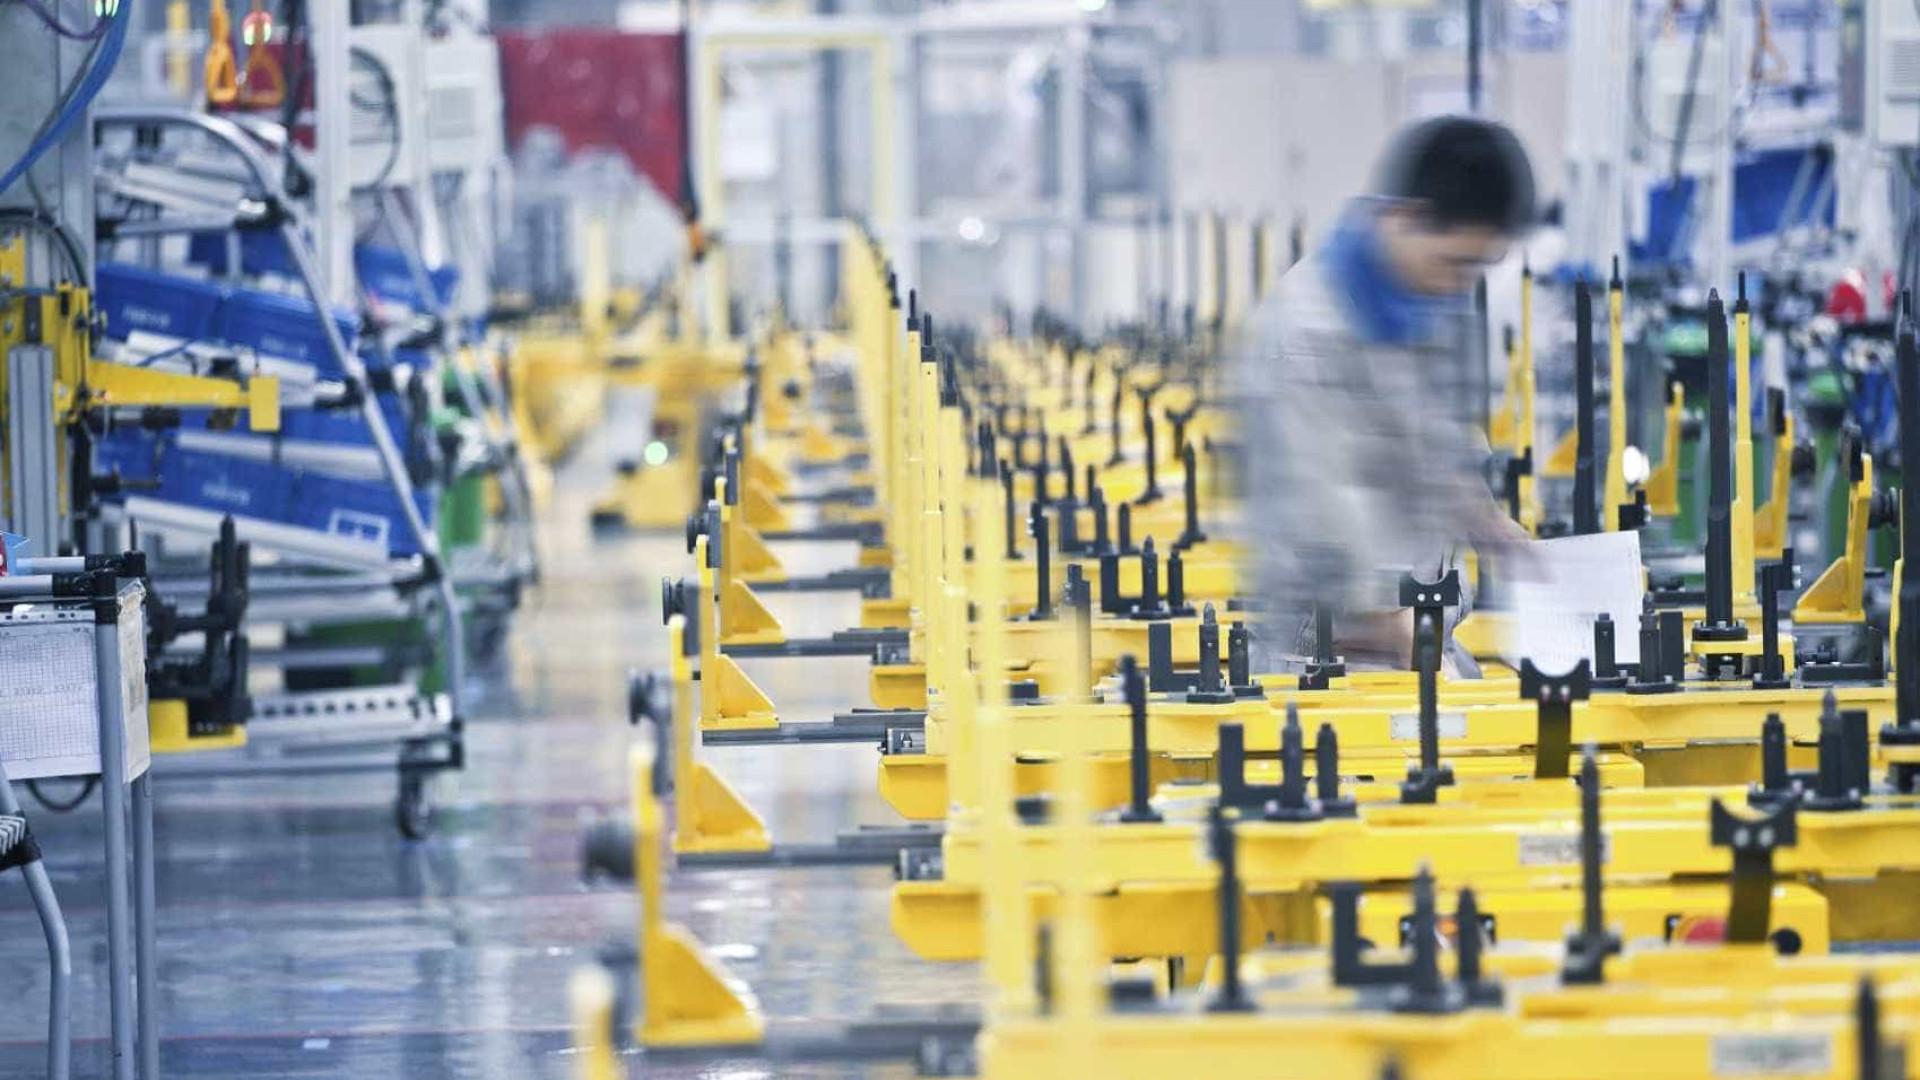 Substituição de pessoas por máquinas levará a maior aposta na formação